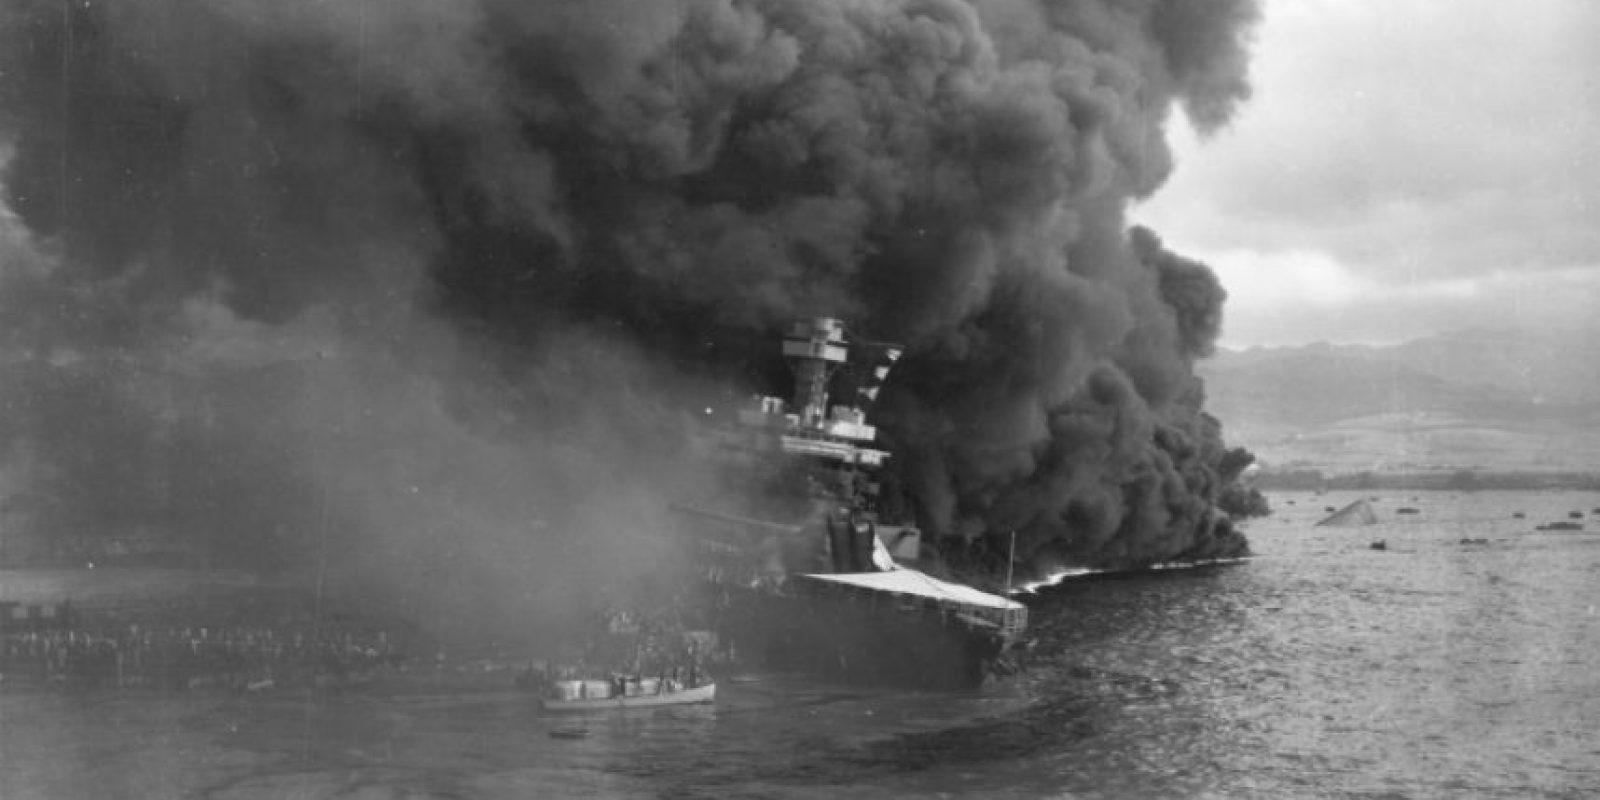 El barco USS California arde tras el ataque japonés a Pearl Harbor el 7 de diciembre de 1941, en una imagen de archivo de la Armada de EEUU Foto:-/afp.com